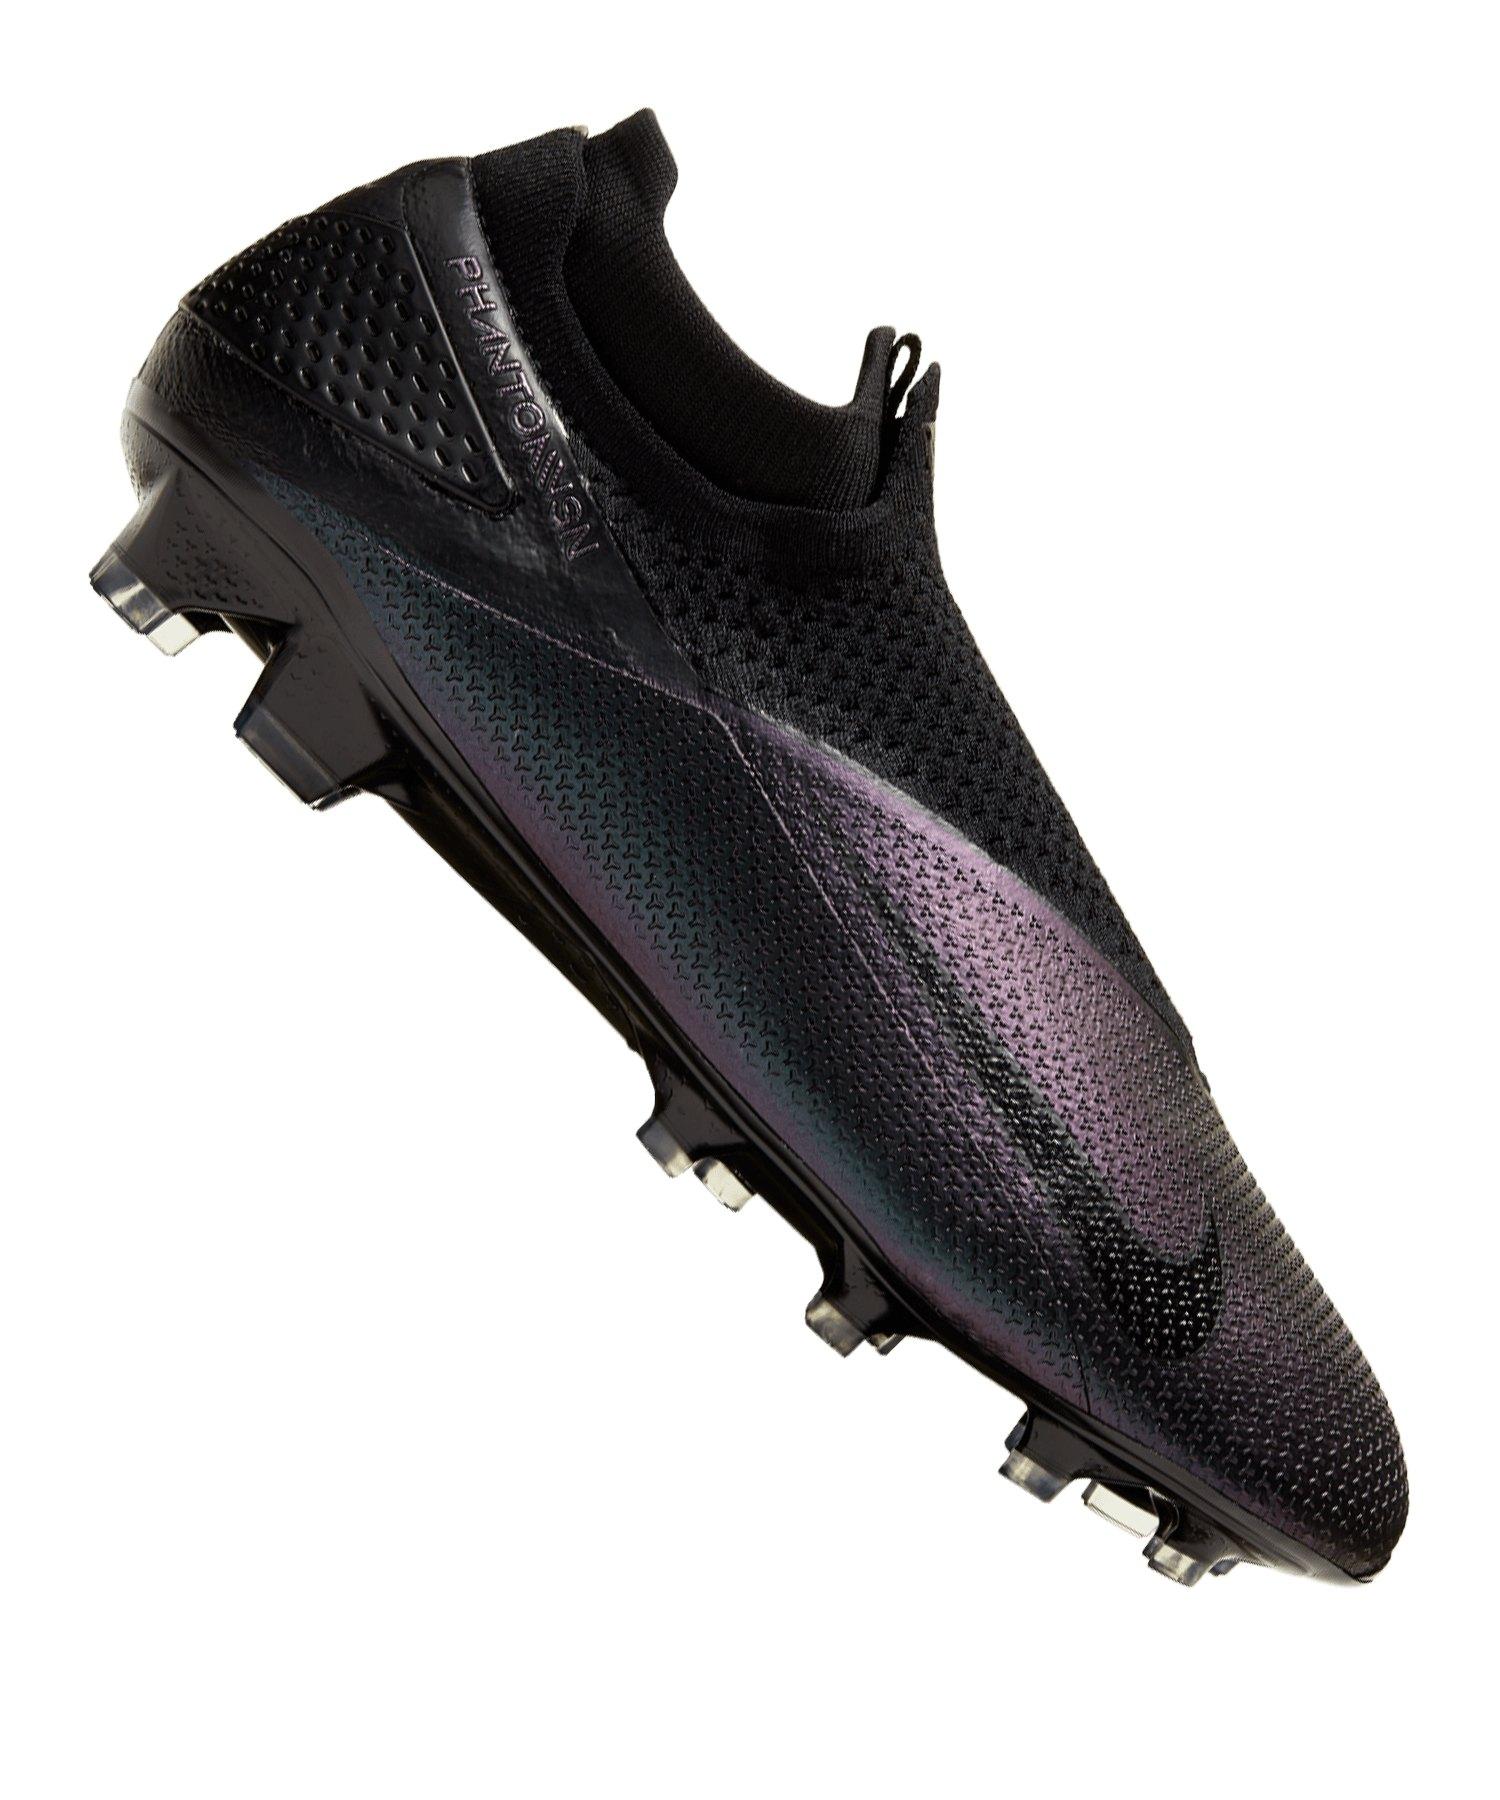 Nike Phantom Vision II Elite FG Schwarz F010 - schwarz